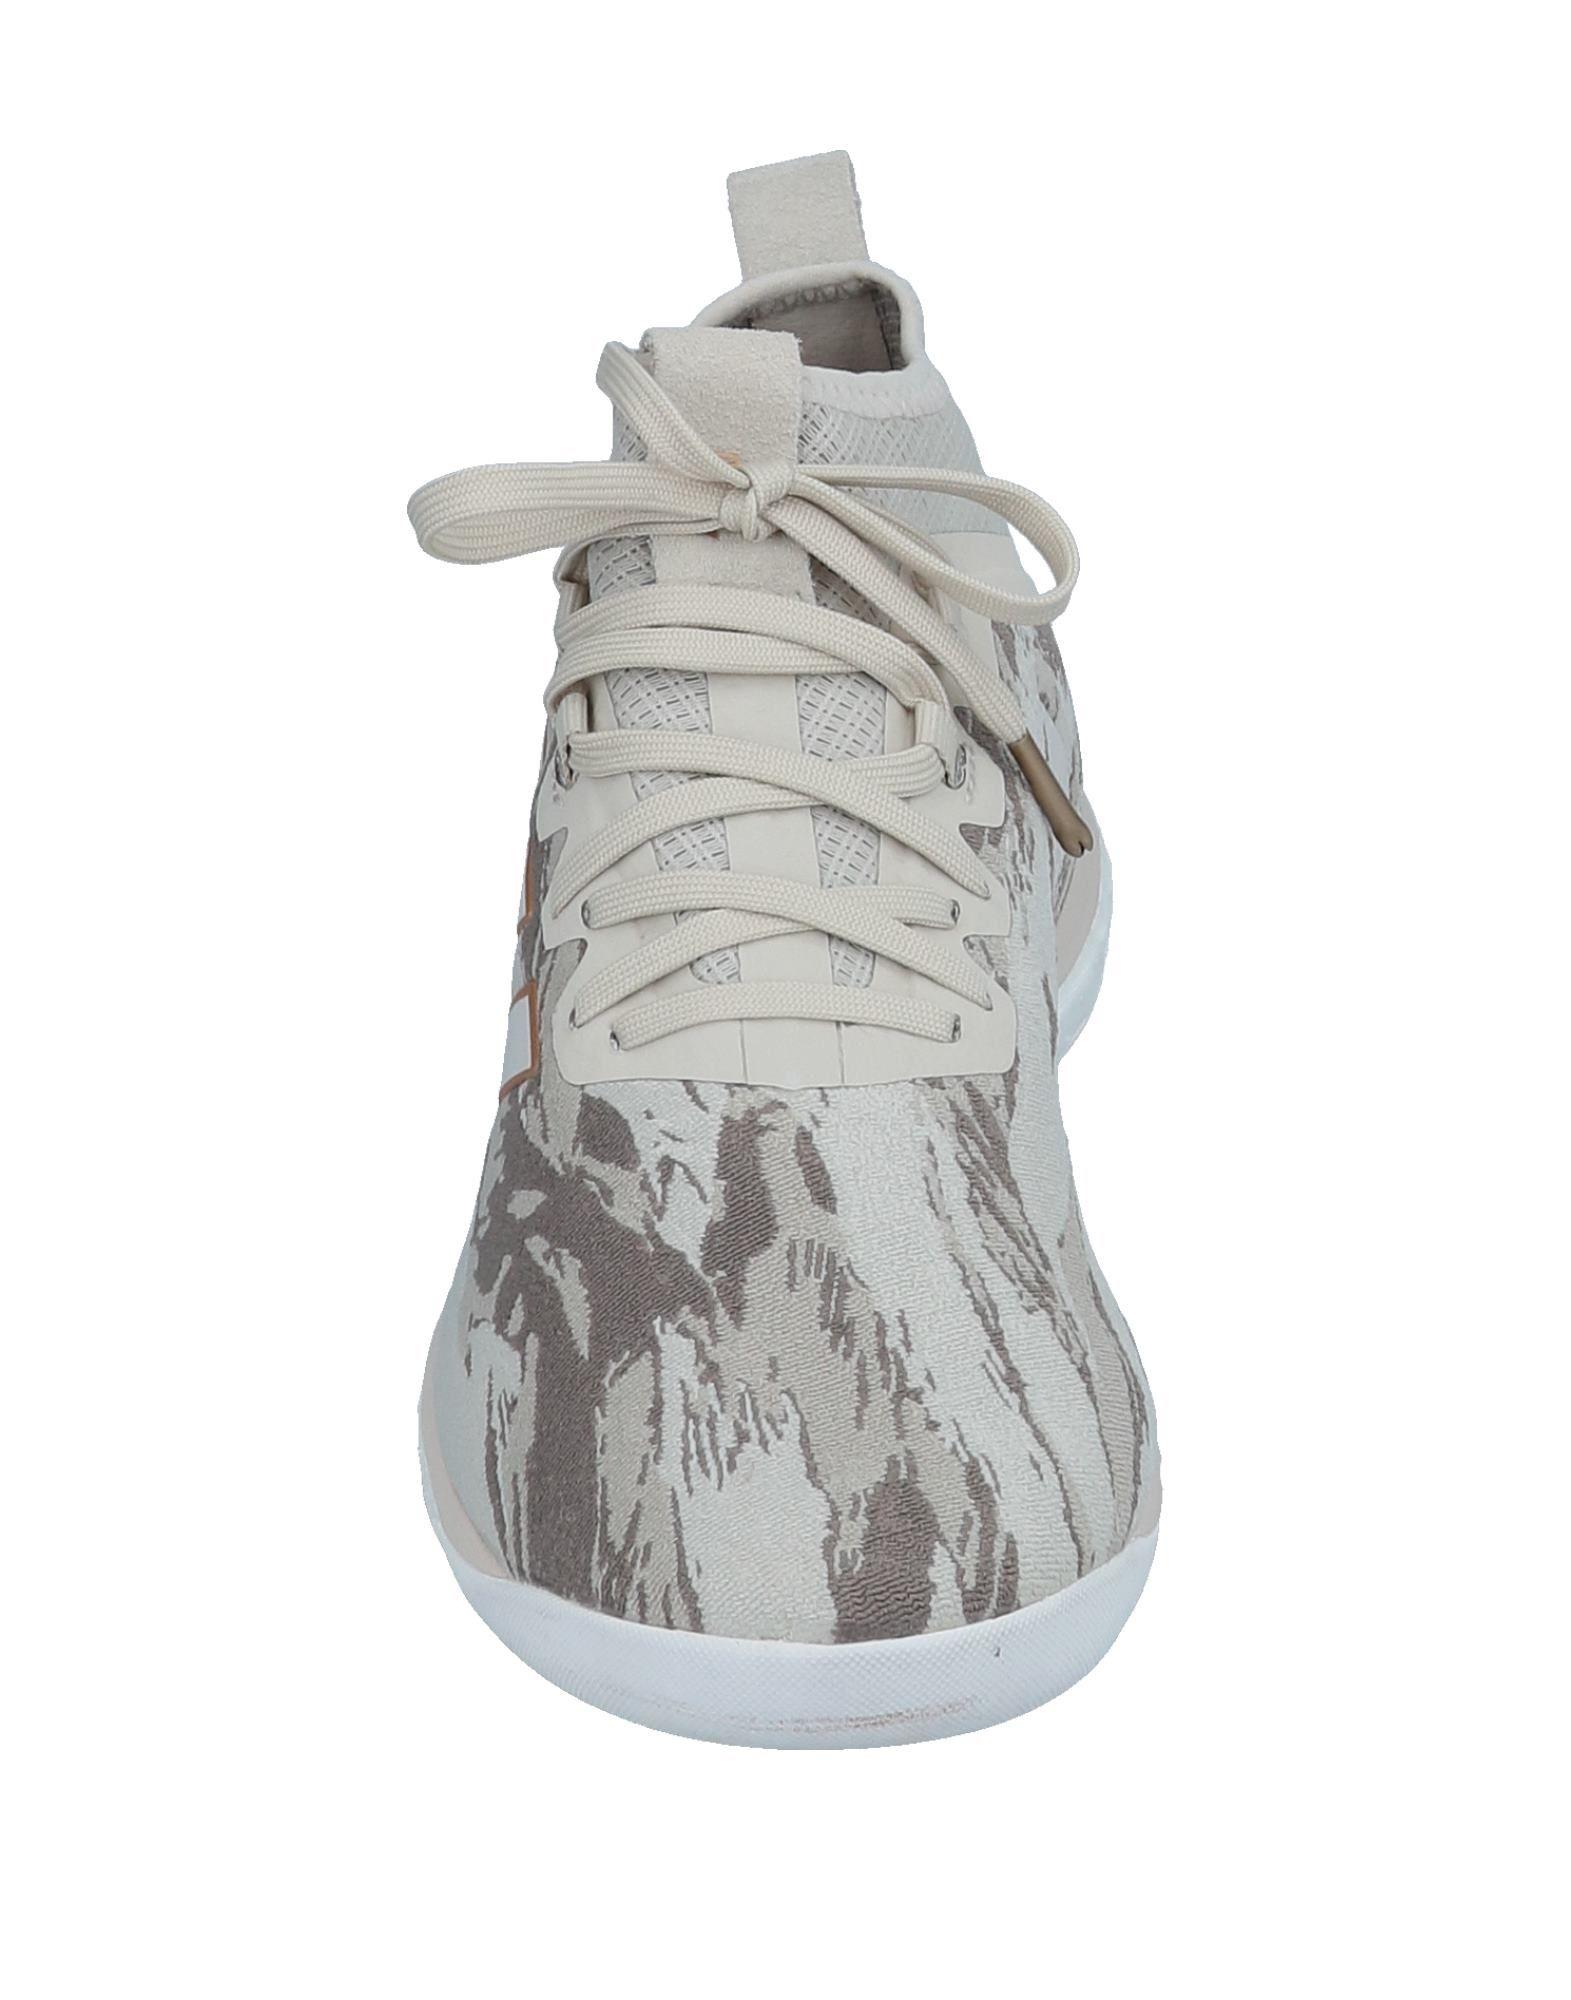 Rabatt echte Sneakers Schuhe Adidas Sneakers echte Herren  11558345RU 0cc451